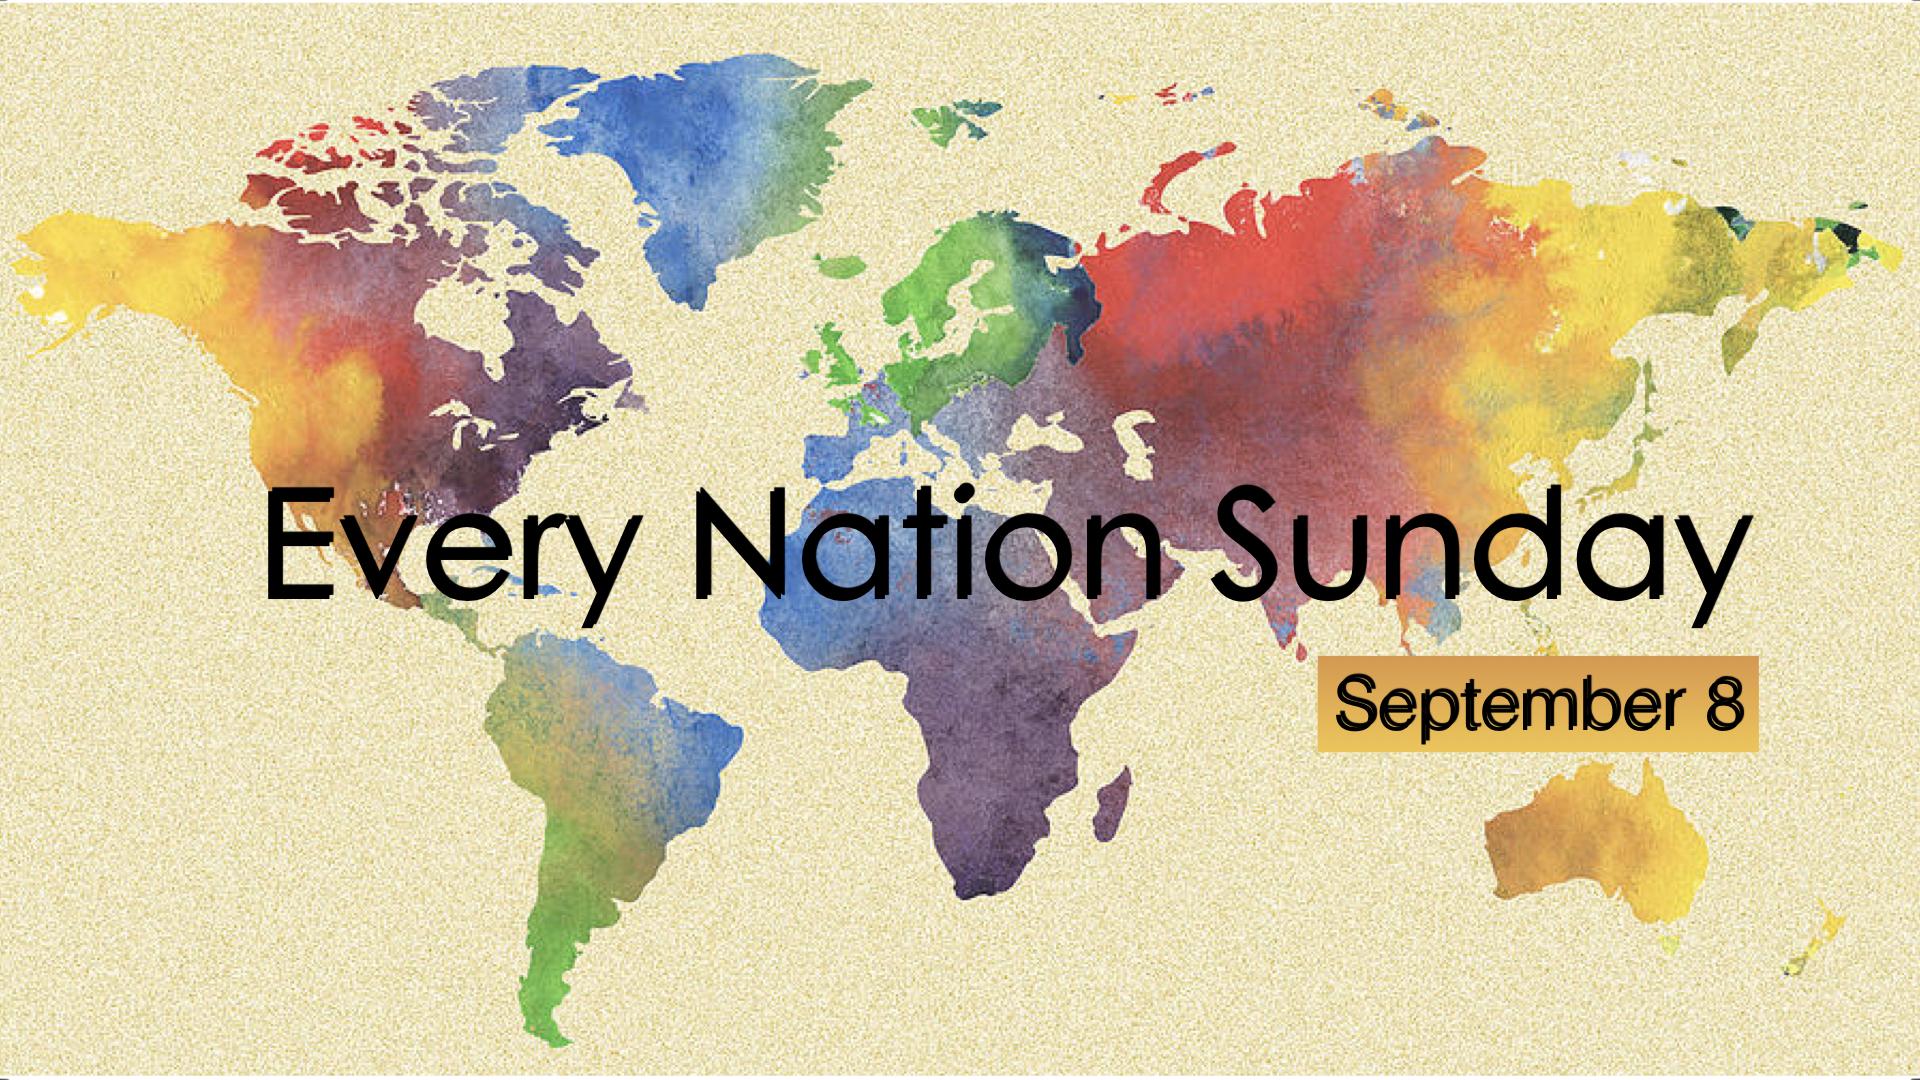 Every Nation Sunday.001.jpeg